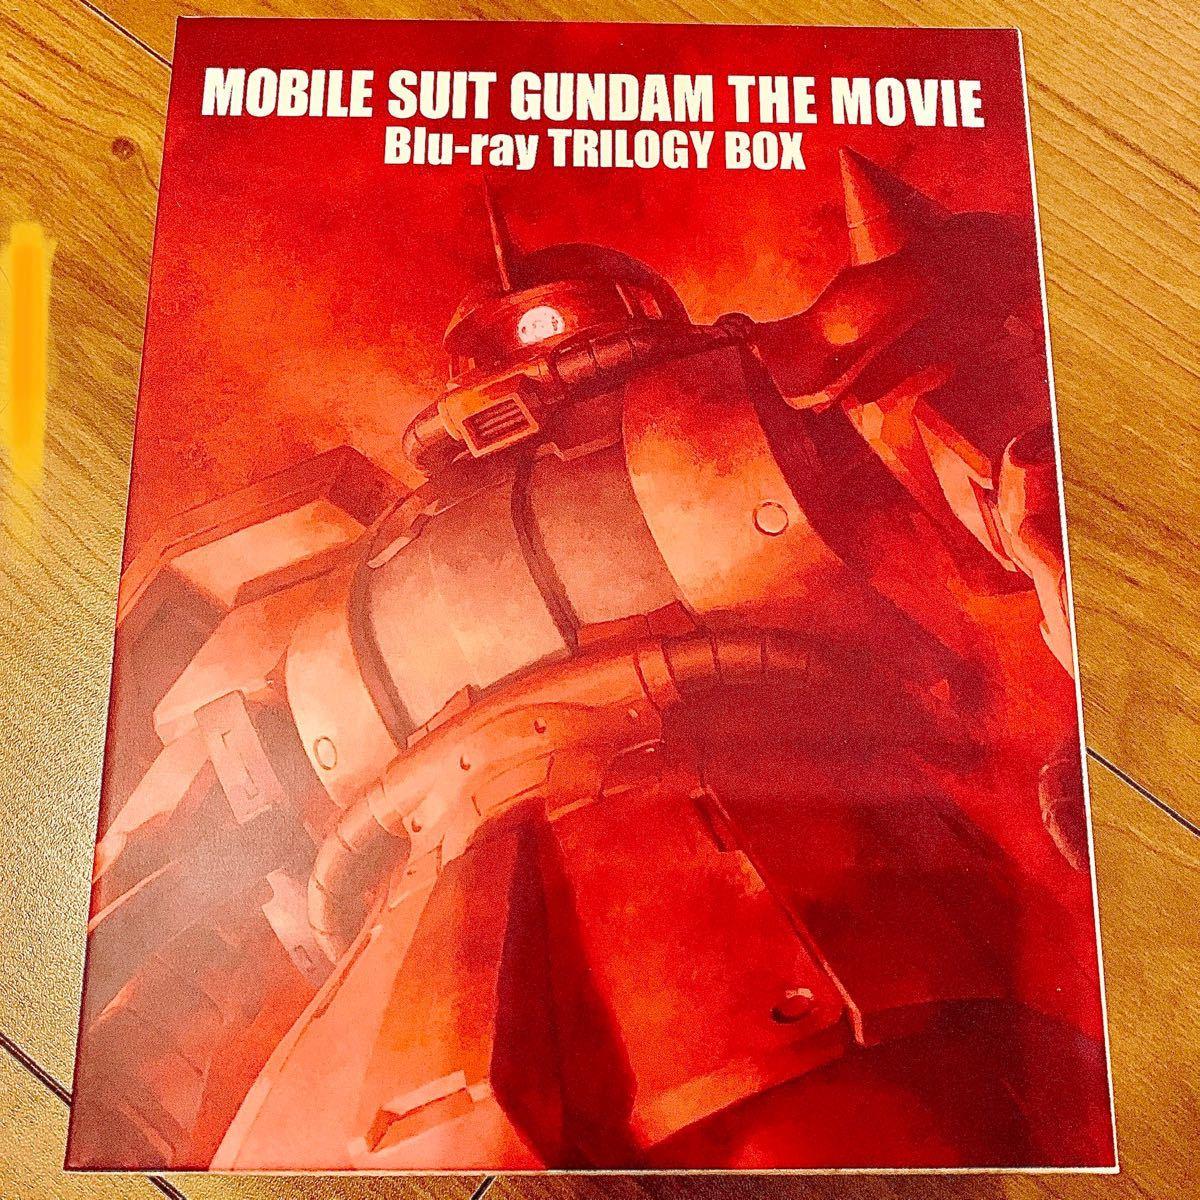 機動戦士ガンダム 劇場版 トリロジーボックス Blu-ray